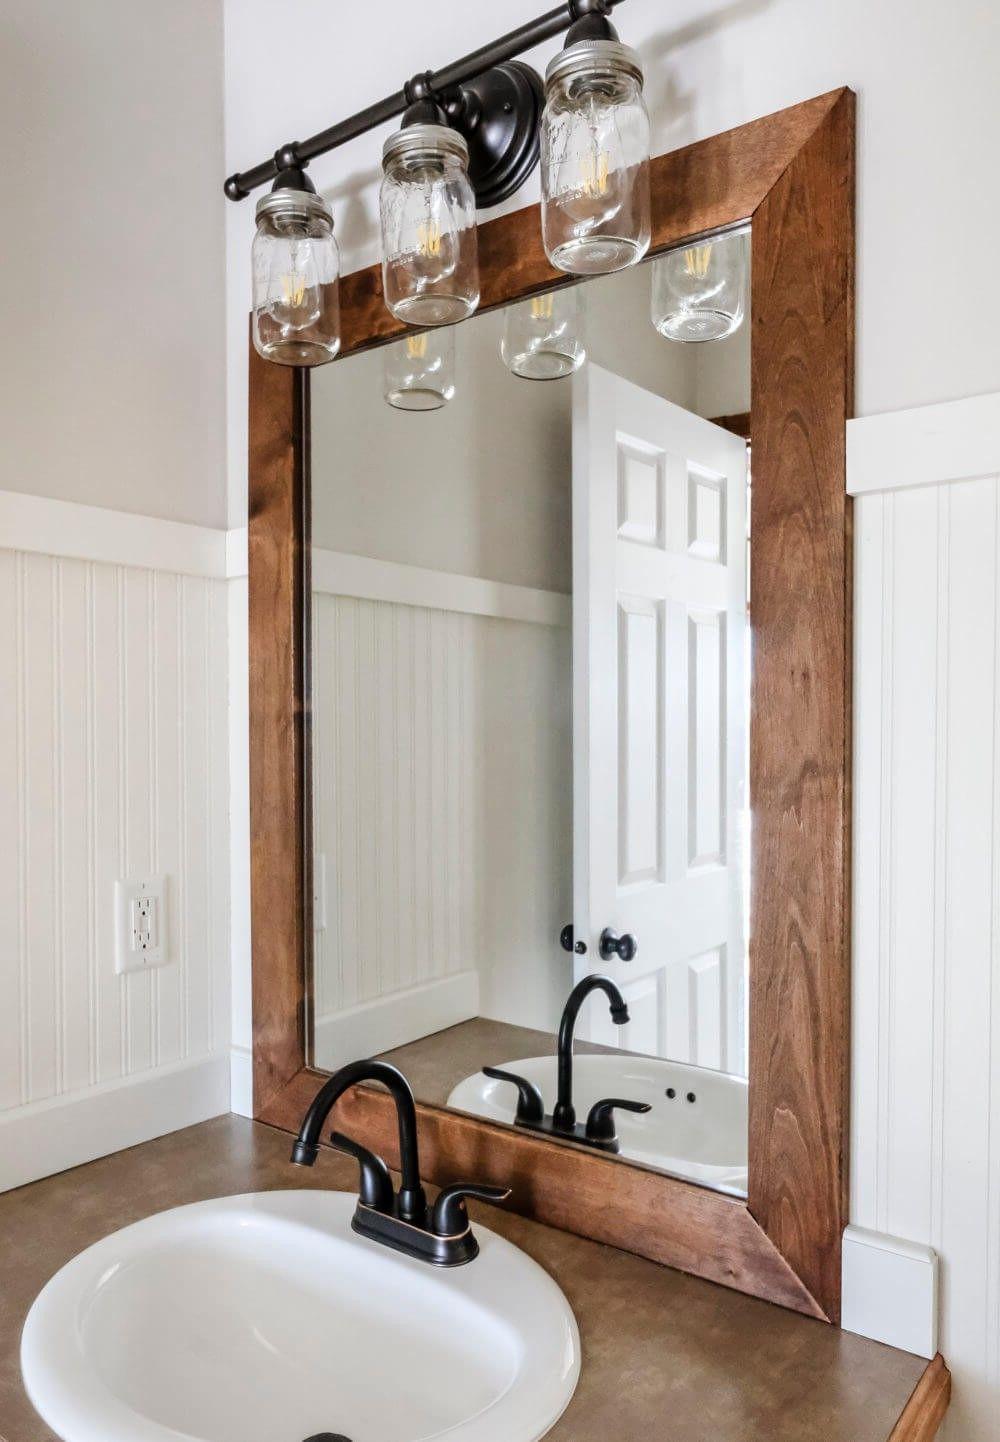 Fabriquer Un Miroir Industriel A Partir De Zero Avec Notre Tutoriel Facile Deco Diy Zenidees En 2020 Salle De Bain Design Miroir Salle De Bain Decoration Salle De Bain